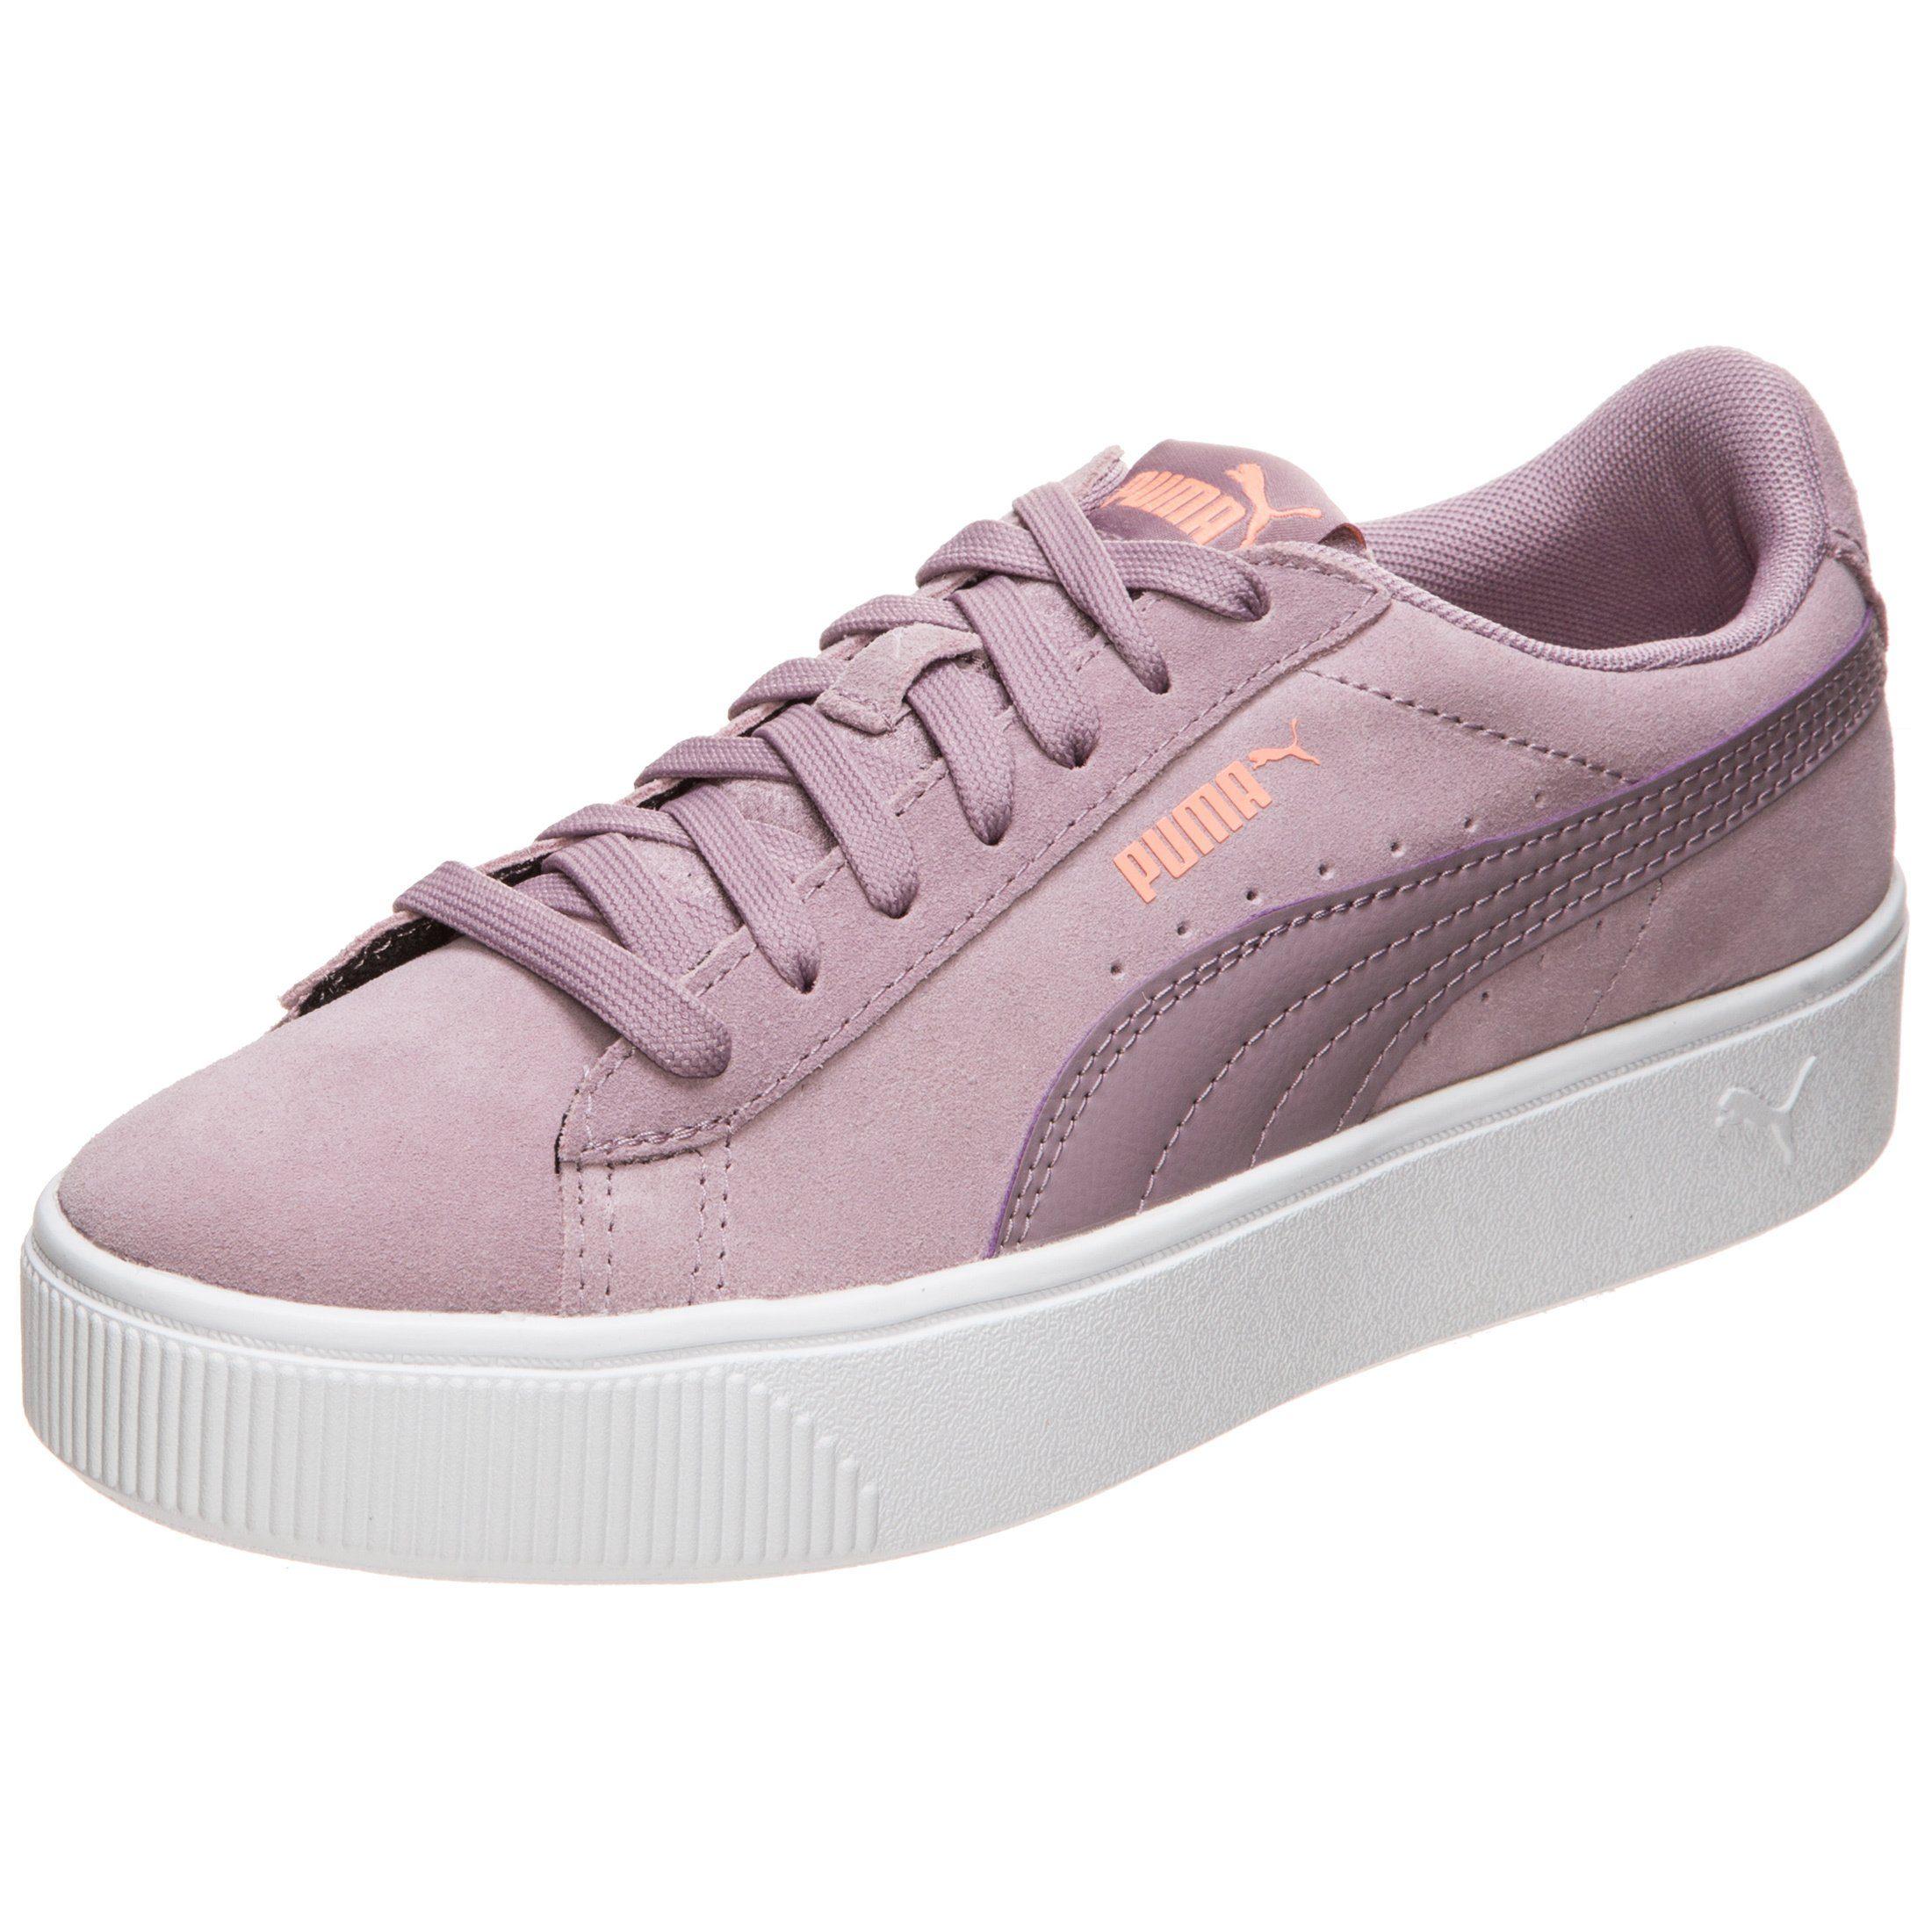 »vikky Sneaker Puma Online Sd« Stacked Kaufen mNwO8n0yv